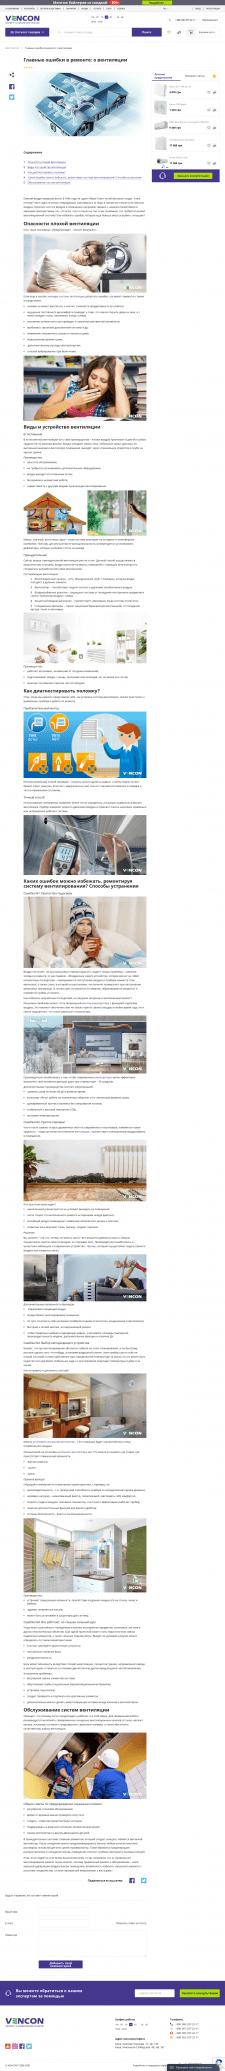 Информационная статья в блог ИМ на 10000зпб с ключ